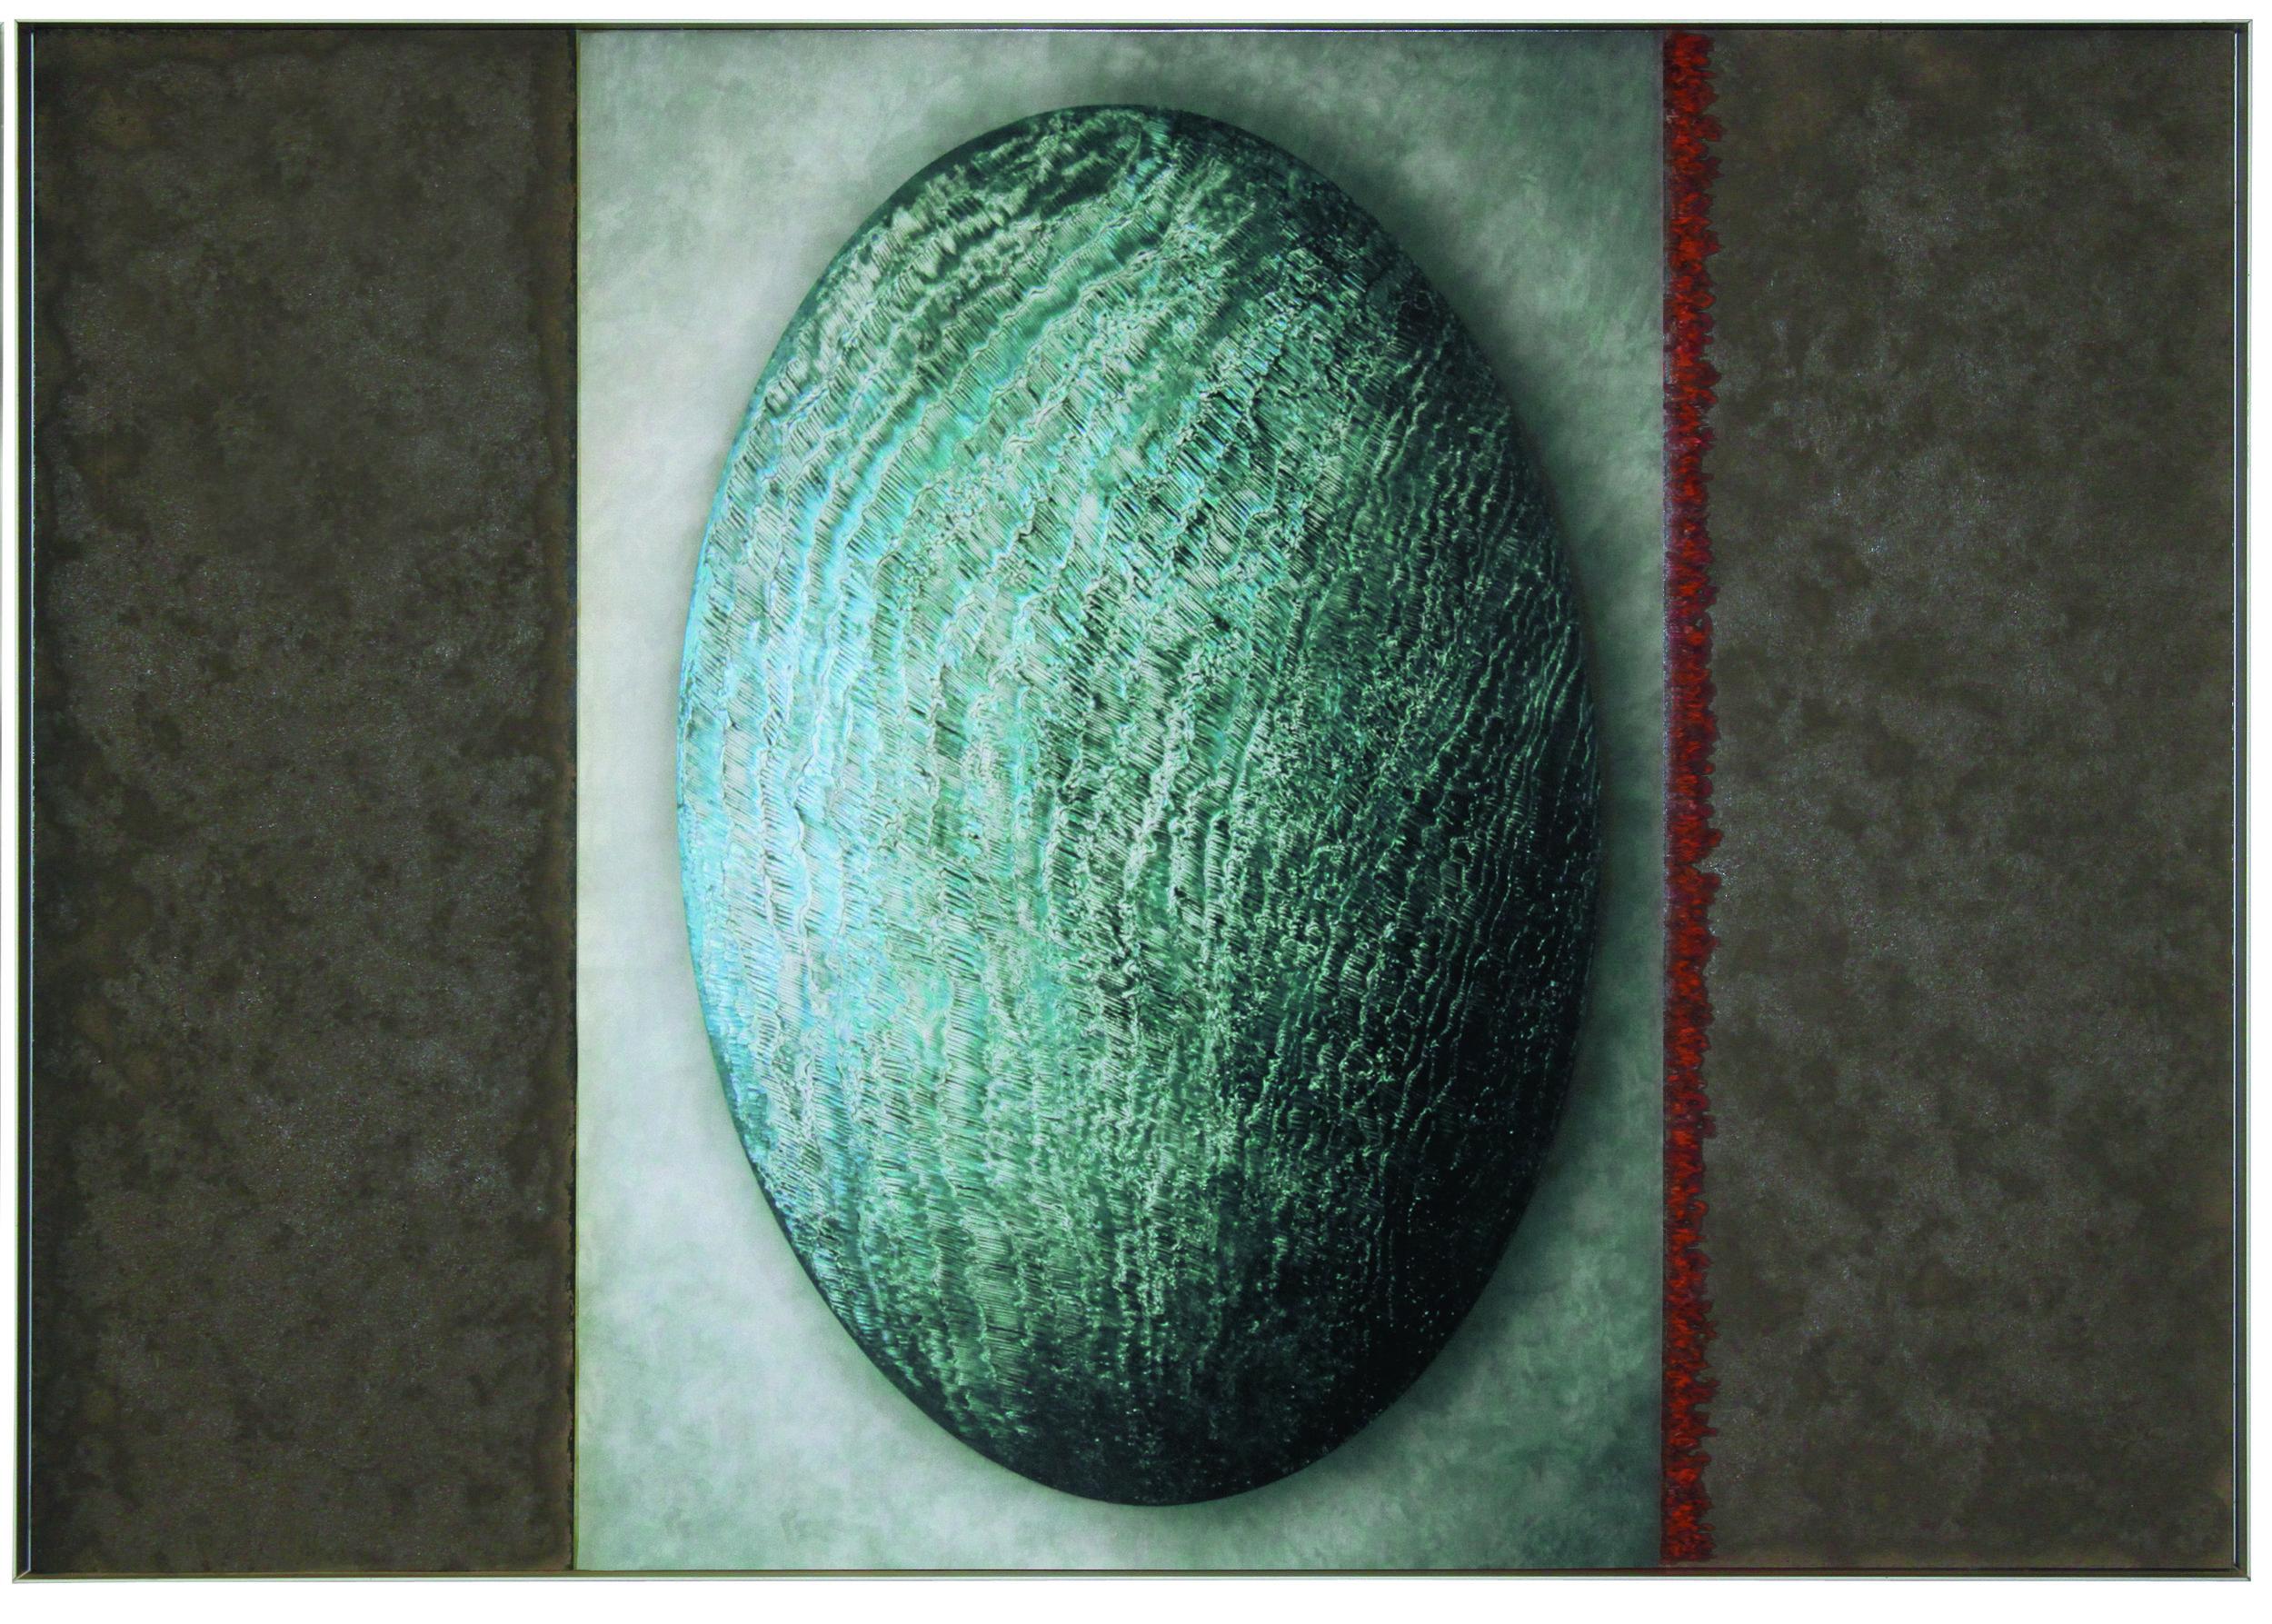 rosaspina  buscarino (1+2) %22Azzurro Eclissi, Verde Eclissi%22 Olio e Fotografia su carta su forex cm 70x200 copia 2.jpg